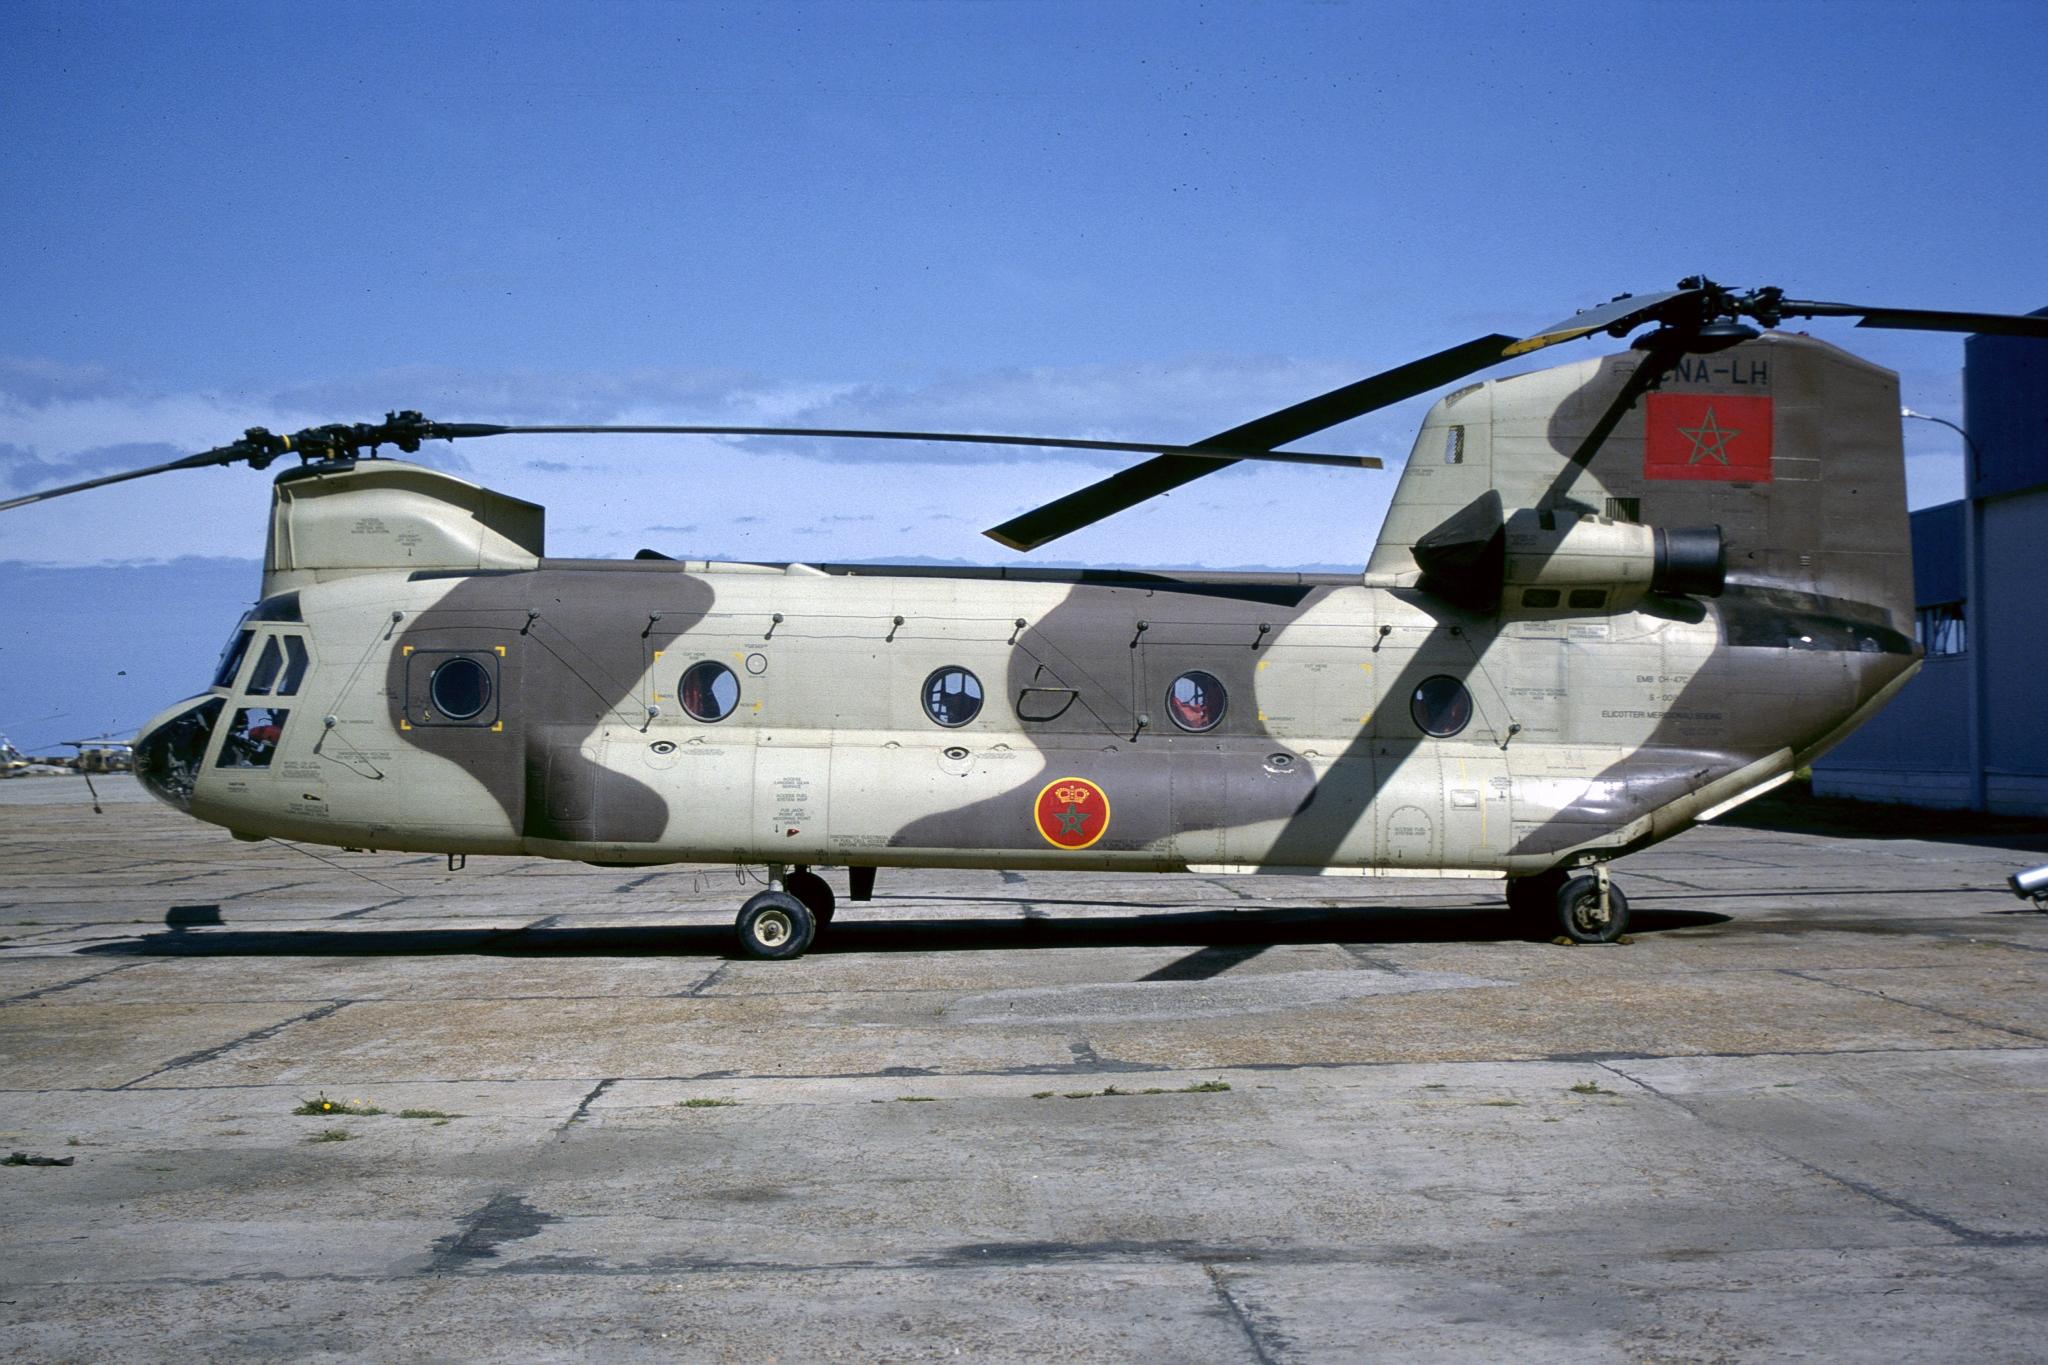 القوات الجوية الملكية المغربية - متجدد - - صفحة 2 160102035606679347